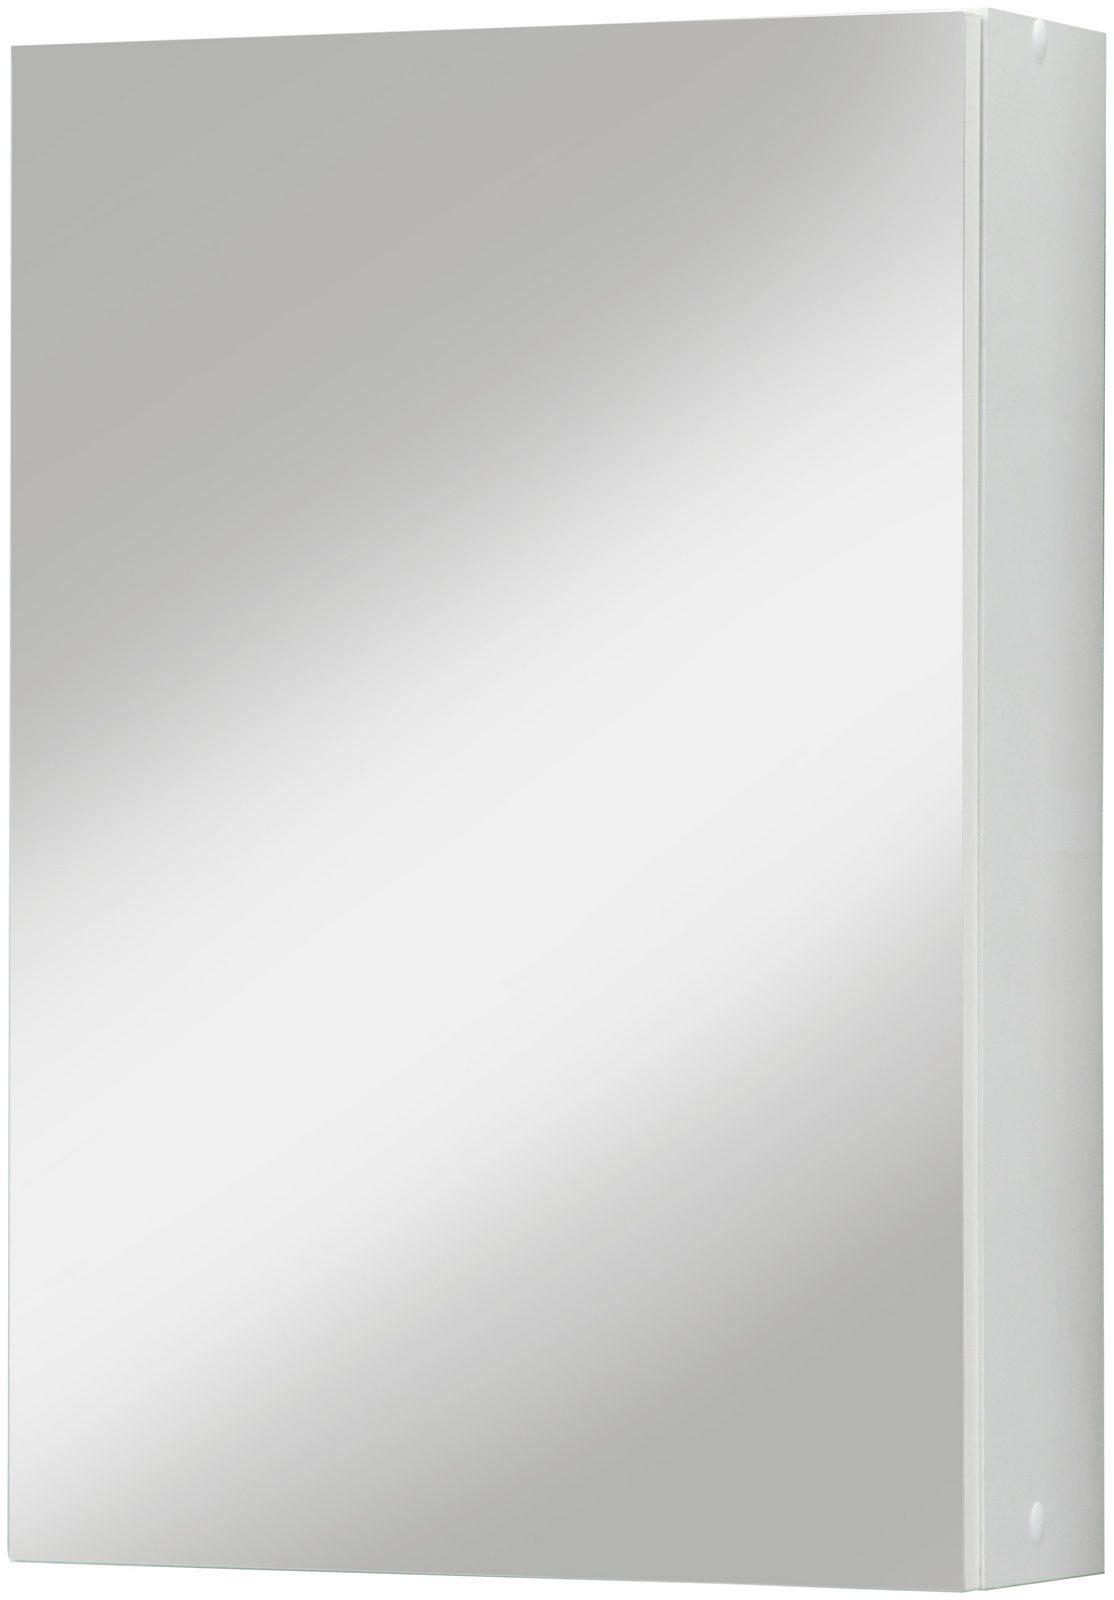 KESPER Spiegelschrank , Breite 40 cm